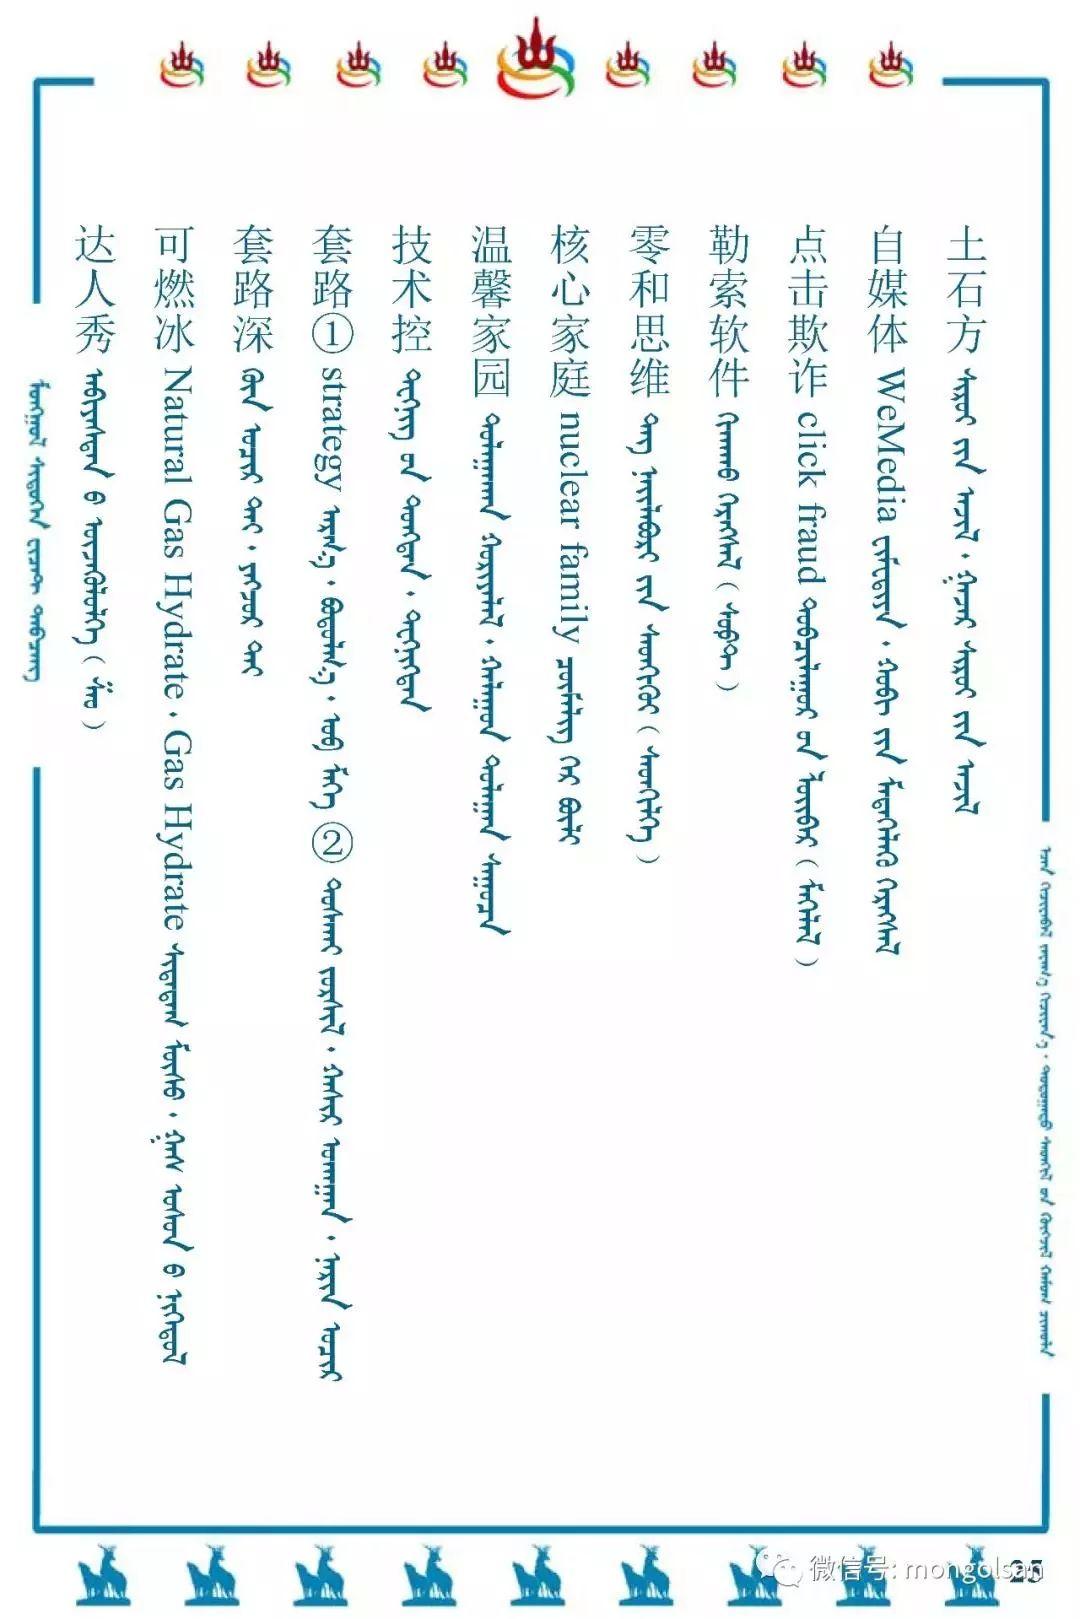 最新名词蒙古语翻译参考 第25张